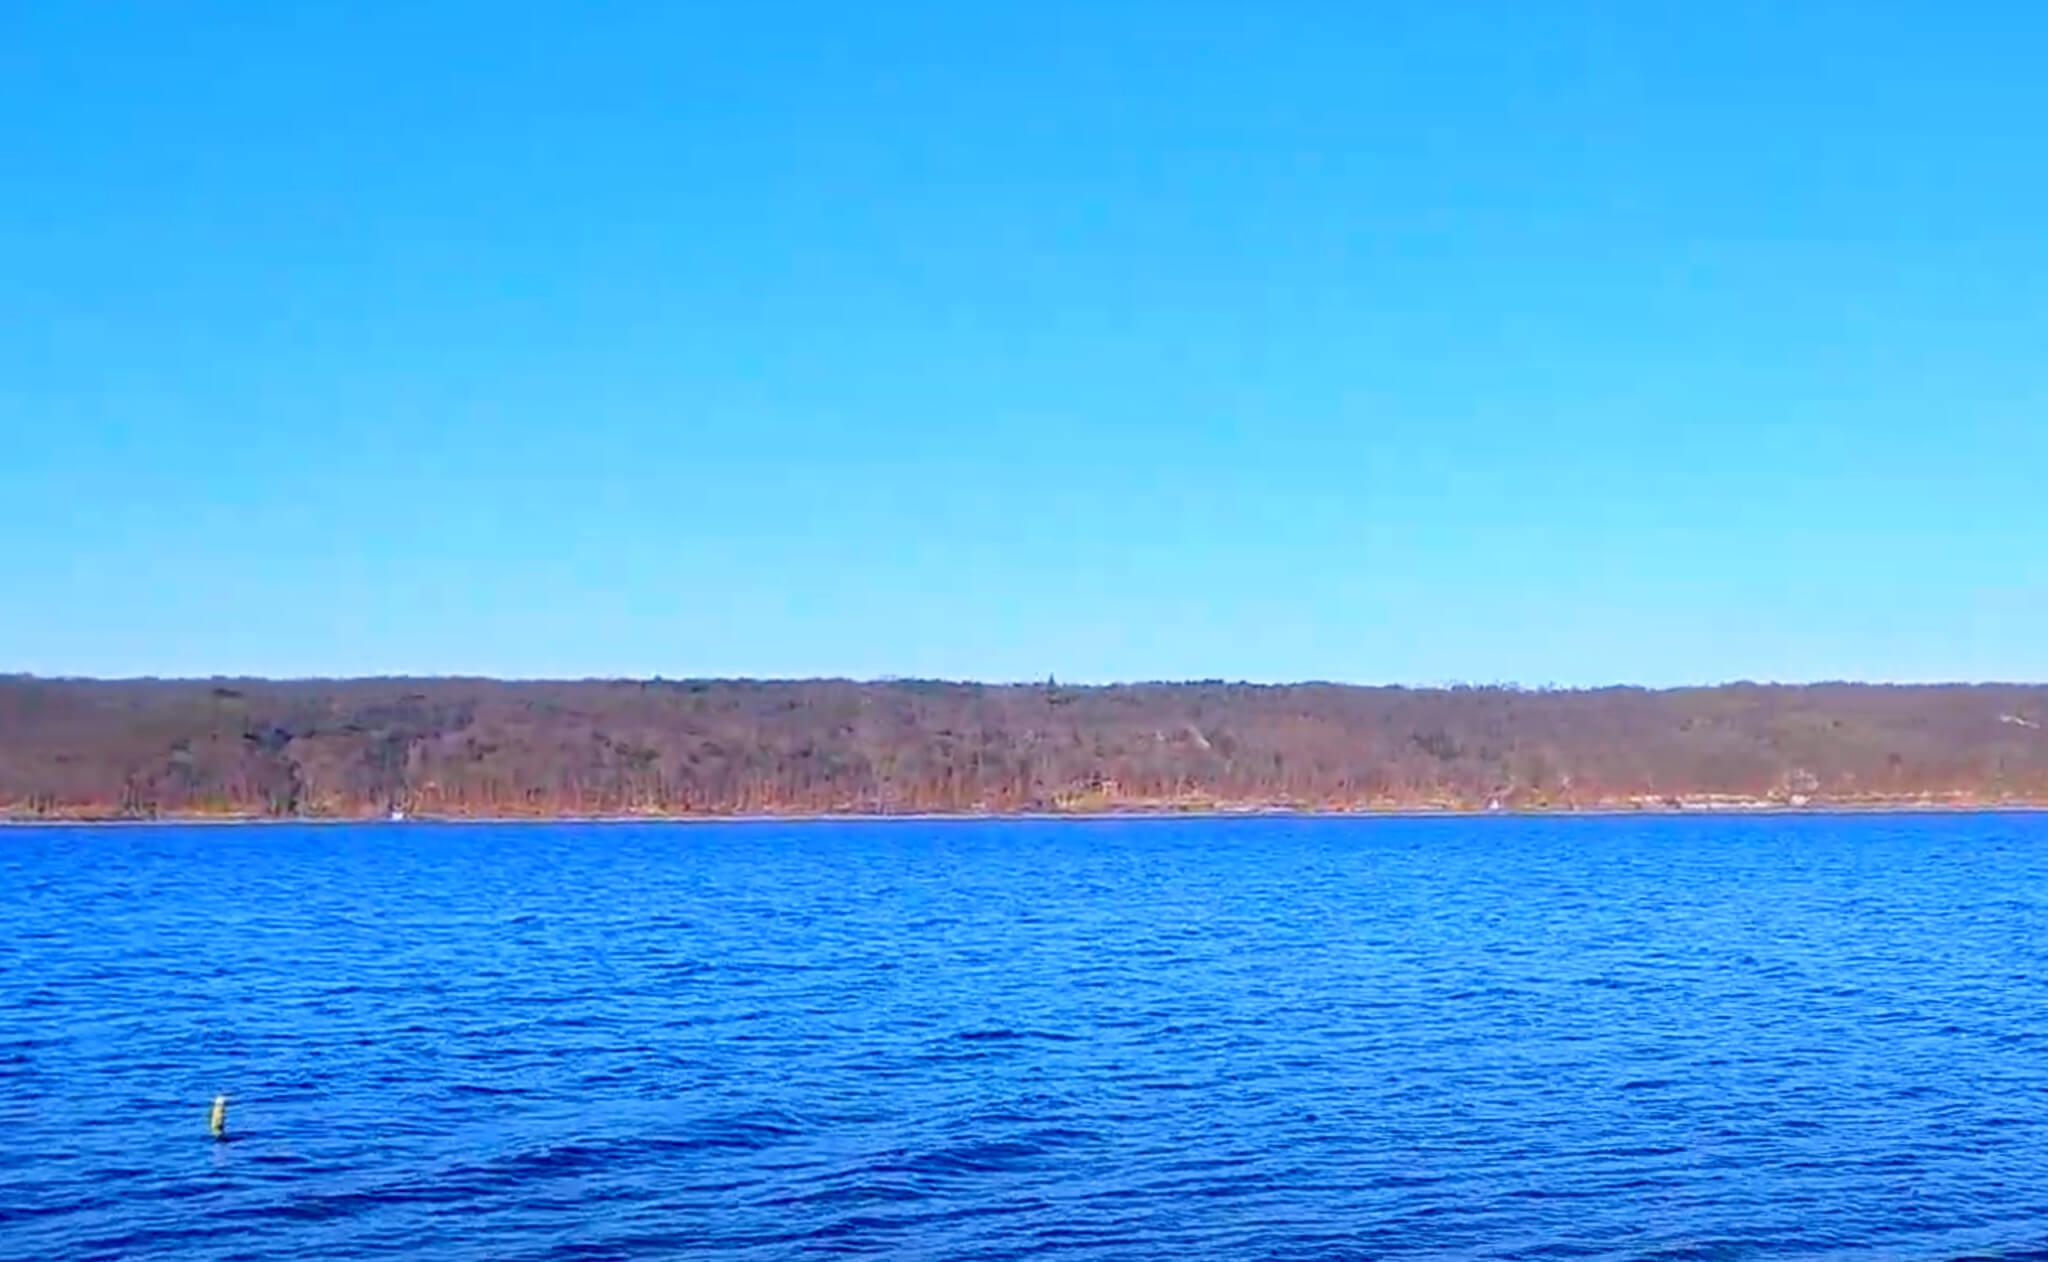 Cayuga-Lake-Fishing-Report-Guide-New-York-NY-04